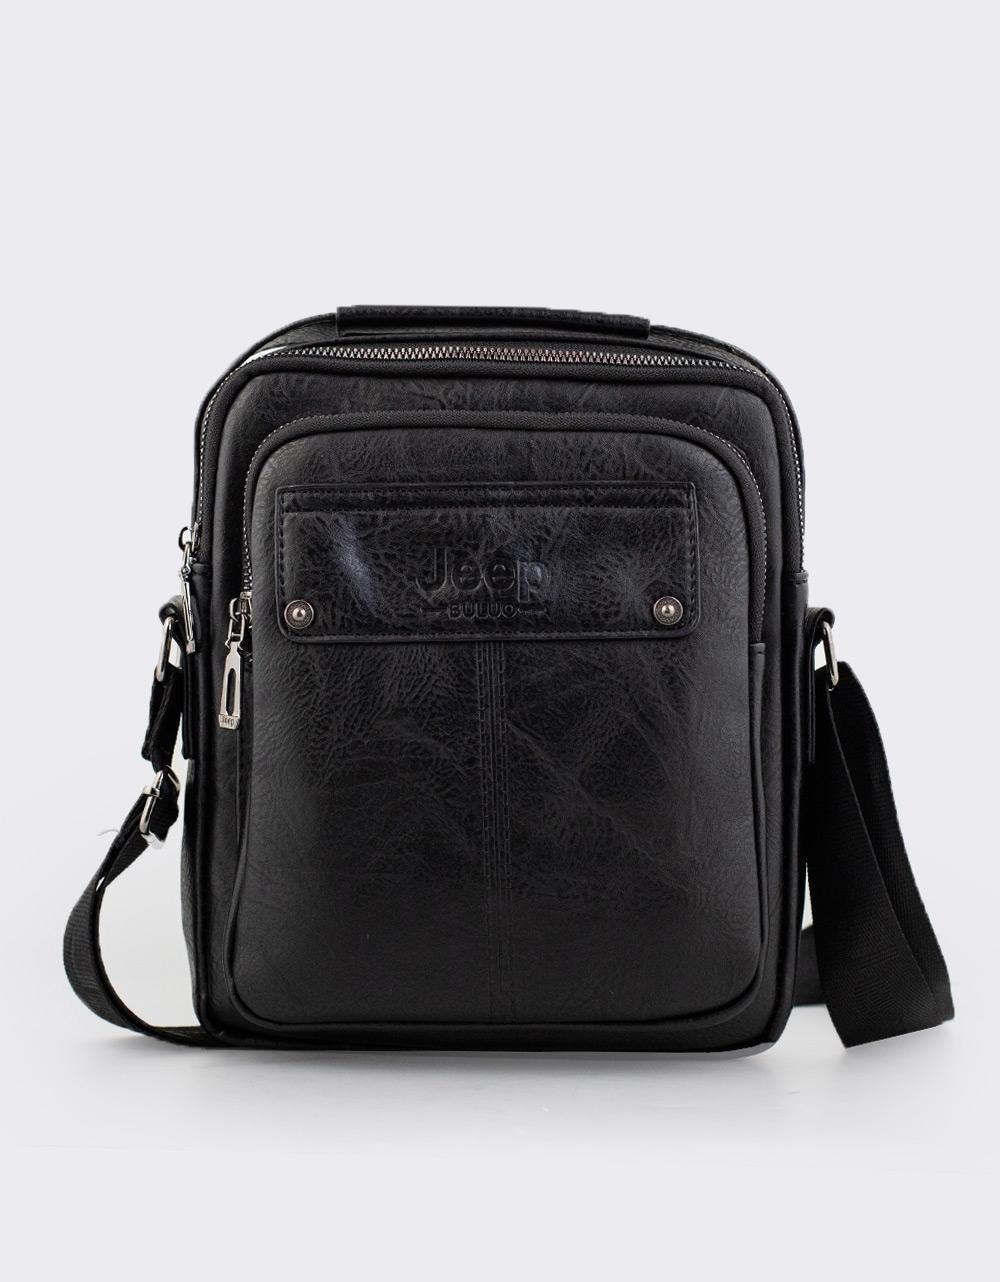 Εικόνα από Ανδρικές τσάντες ώμου με εξωτερική θήκη Μαύρο